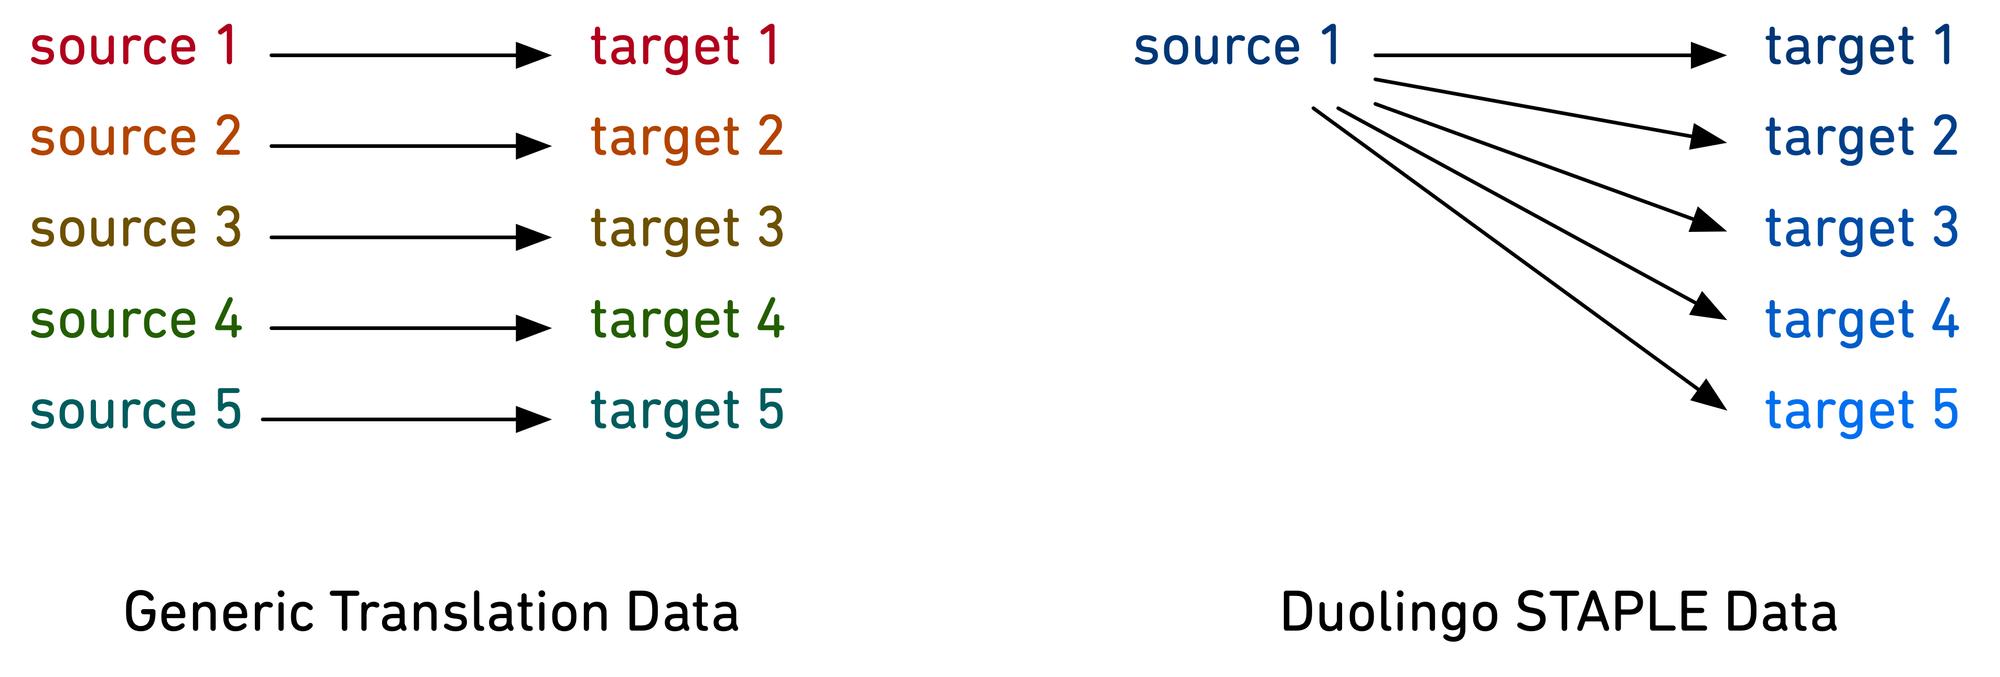 shared-task-blog-post-data